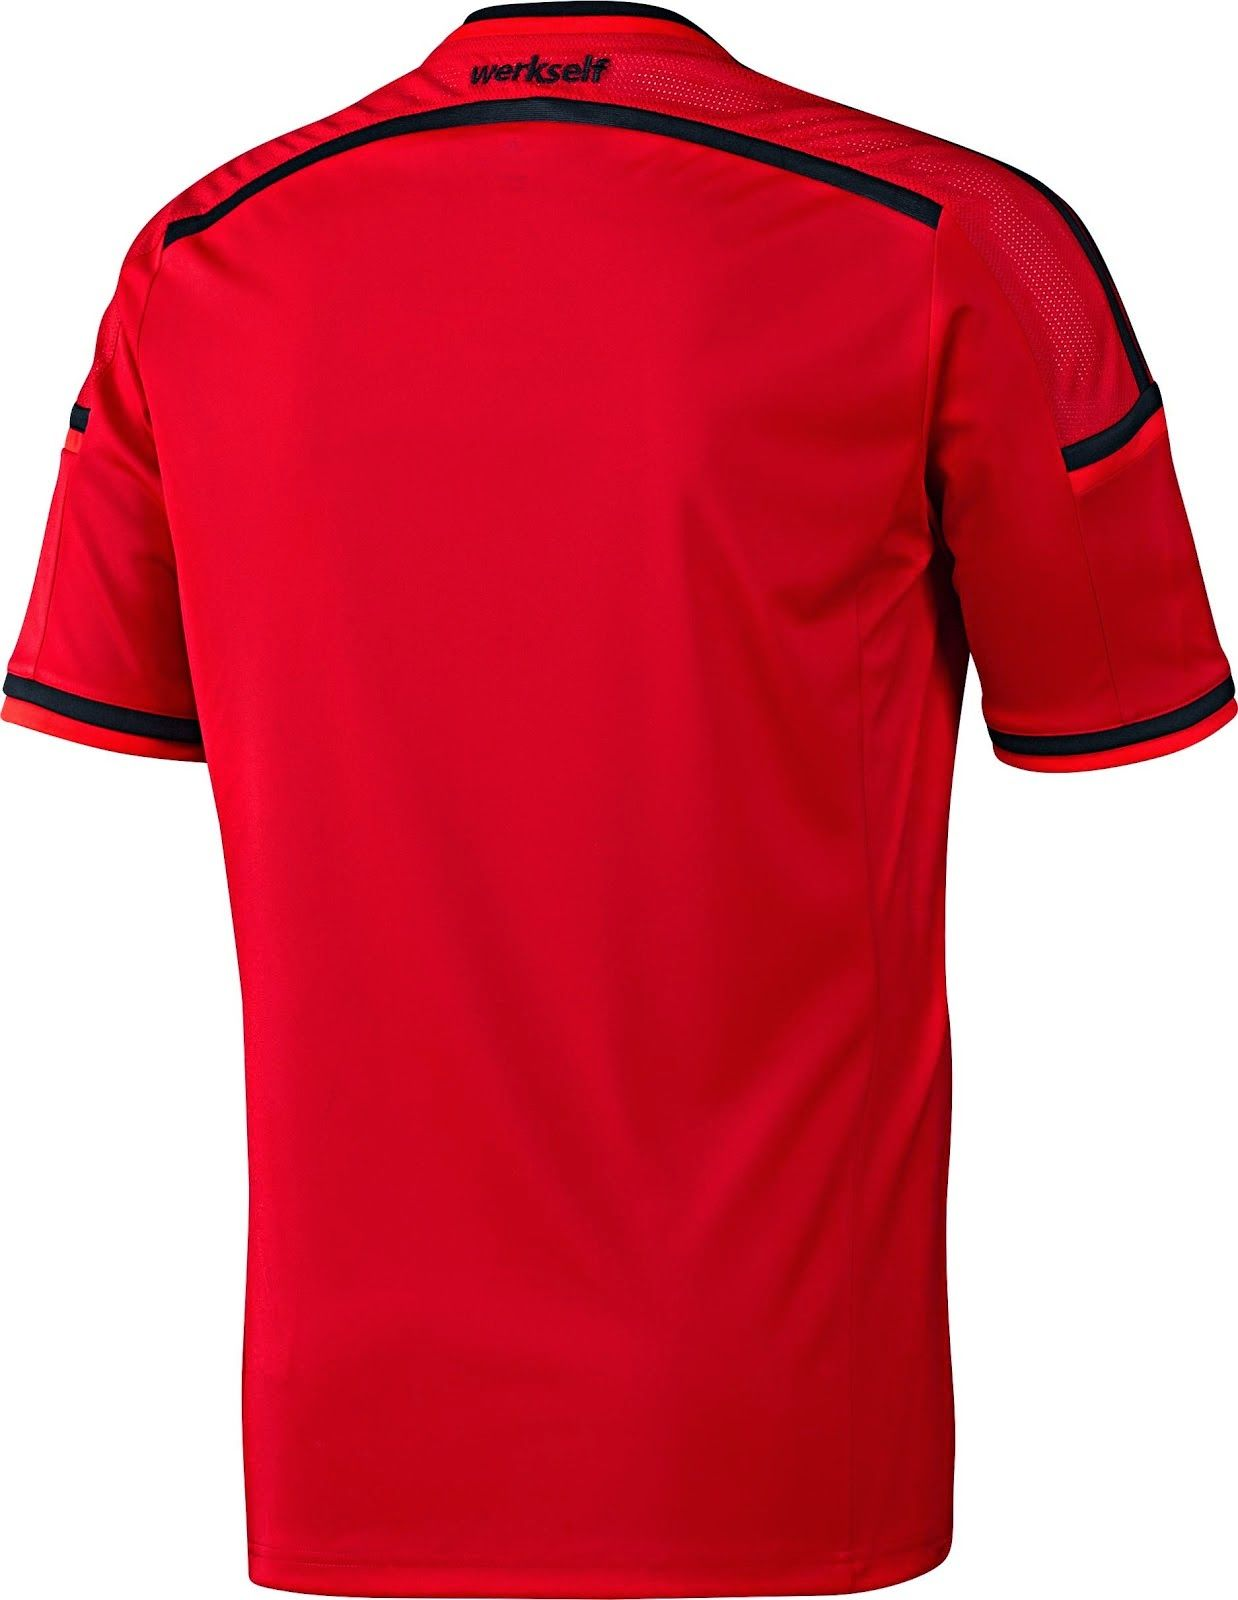 Camiseta Bayer 04 Leverkusen outlet